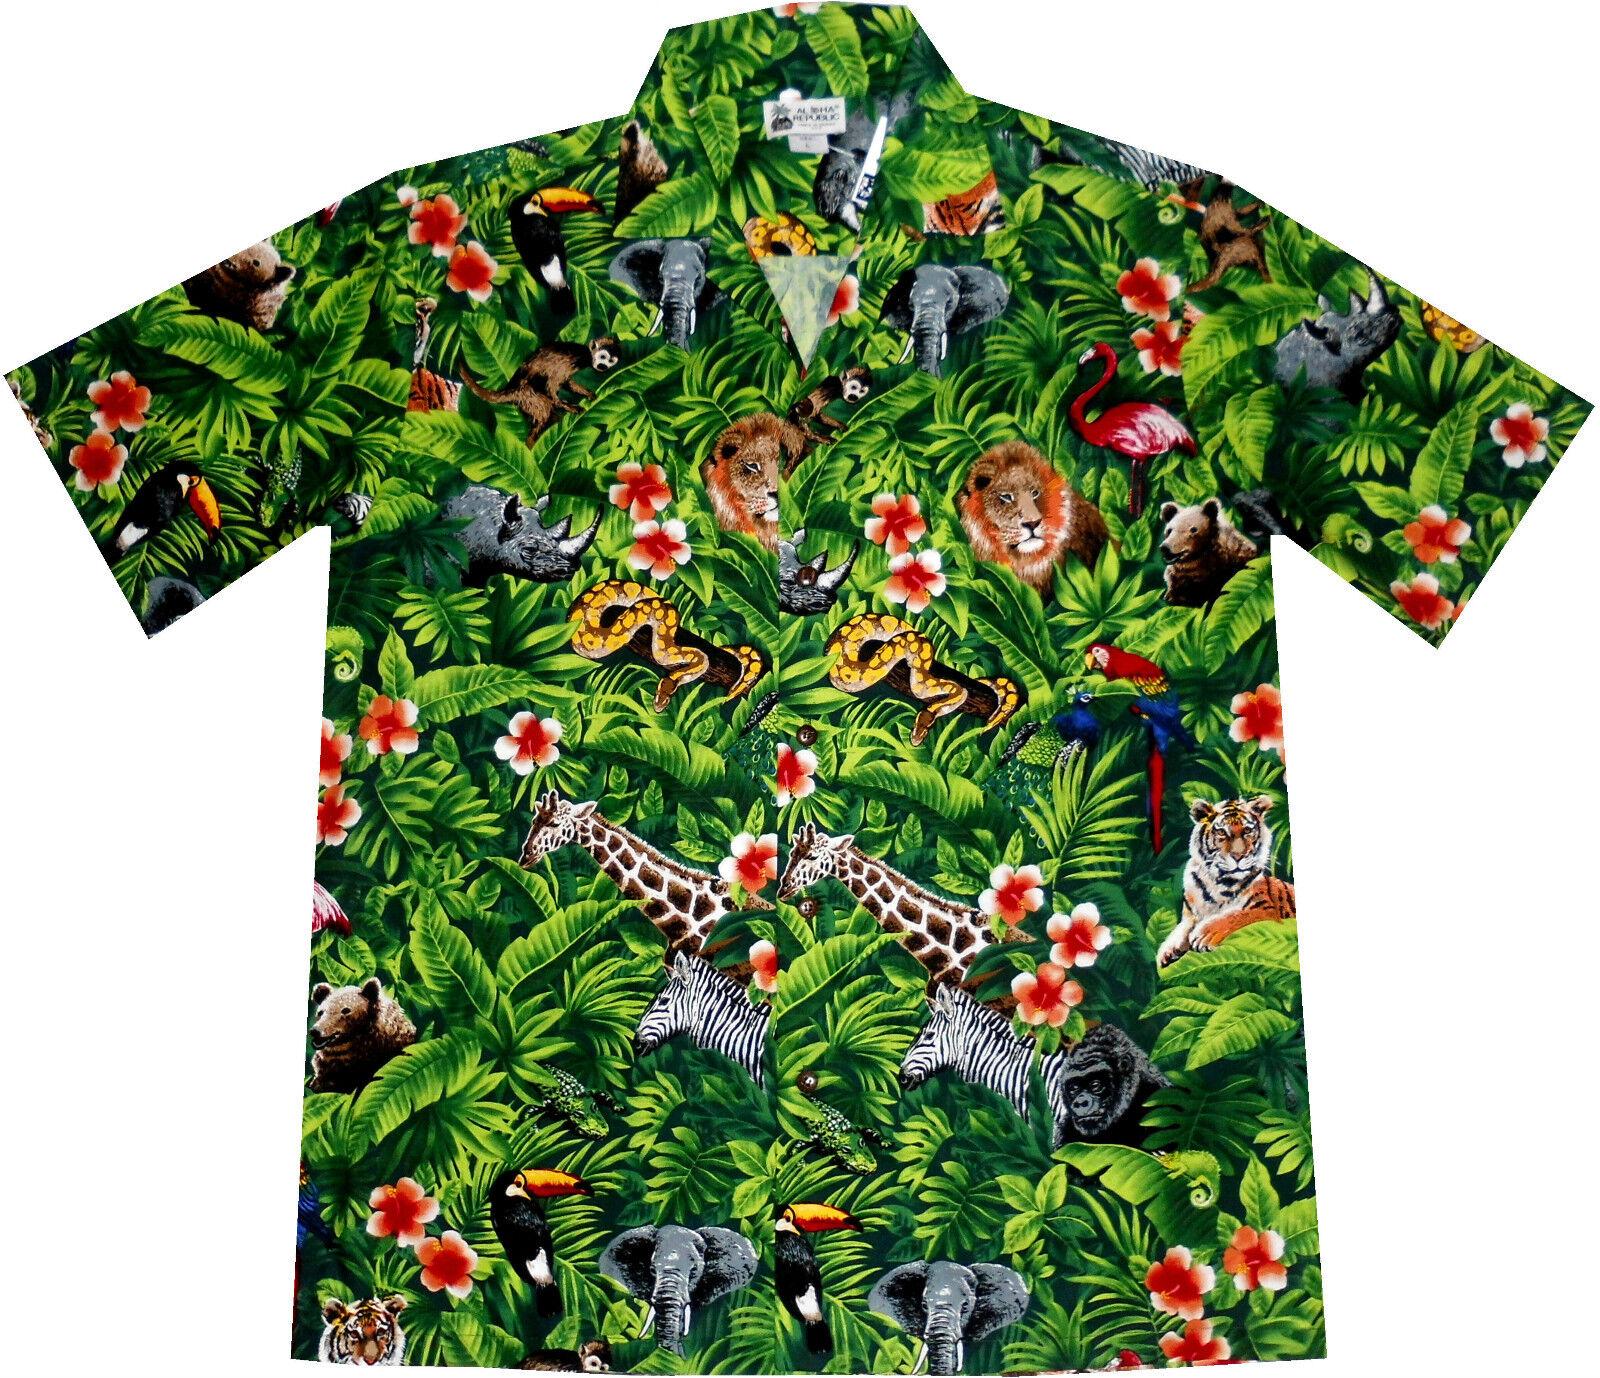 Camicia Hawaii Made in HAWAII M - 4xl 4xl 4xl 100% Cotone Camicia Hawaii Hawai verde 951924